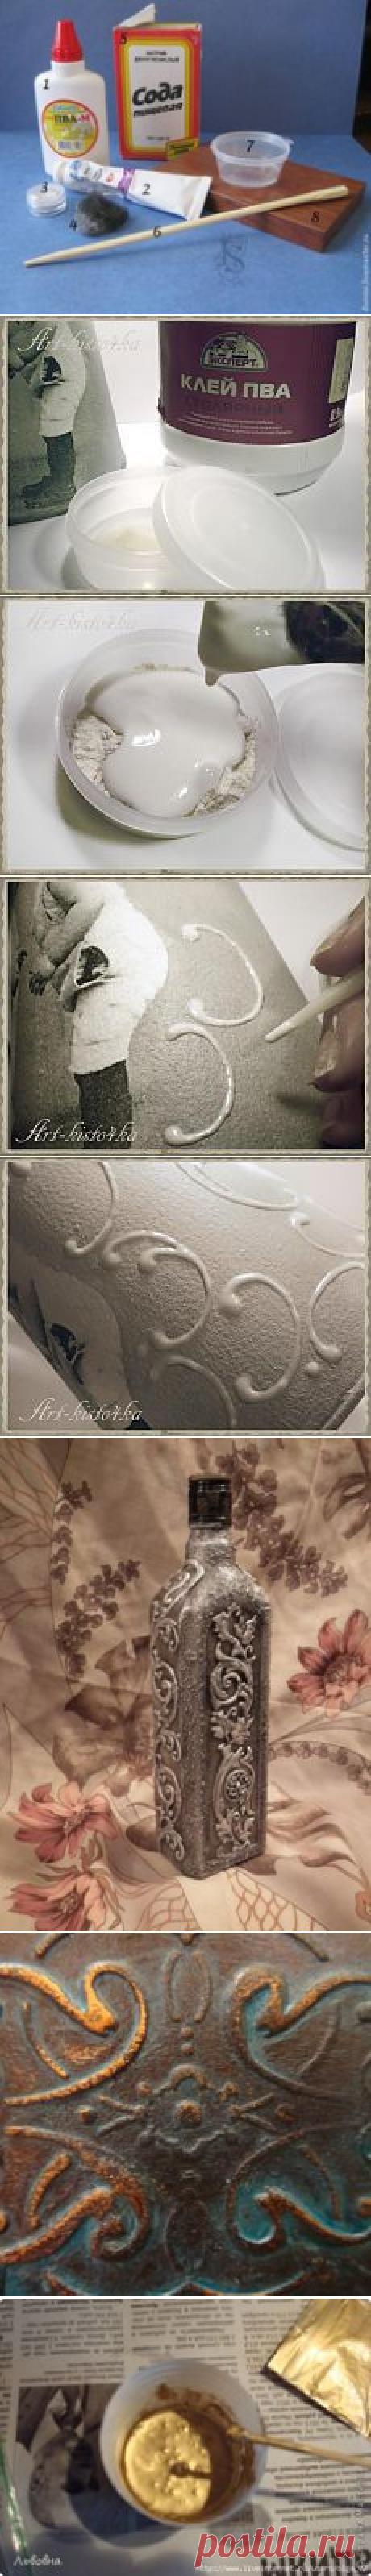 (1) Мастер-класс Поделка изделие Ассамбляж Сова - Хранительница ключей Картон Клей Краска Материал бросовый Фанера фото 3 | Ideas